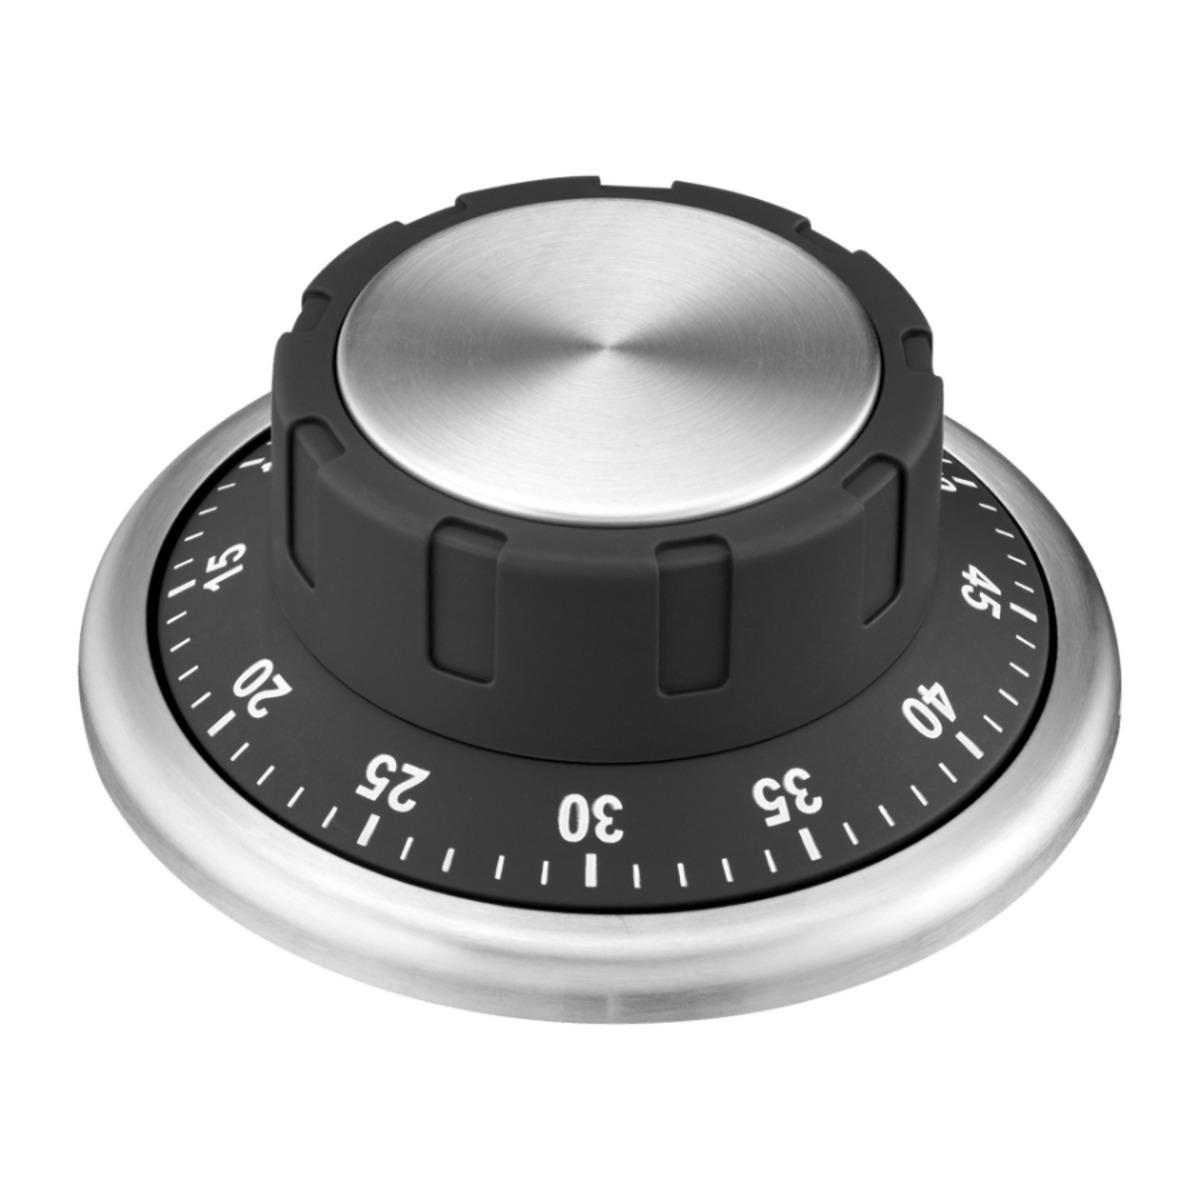 Bild 2 von KRONTALER     Kurzzeitmesser